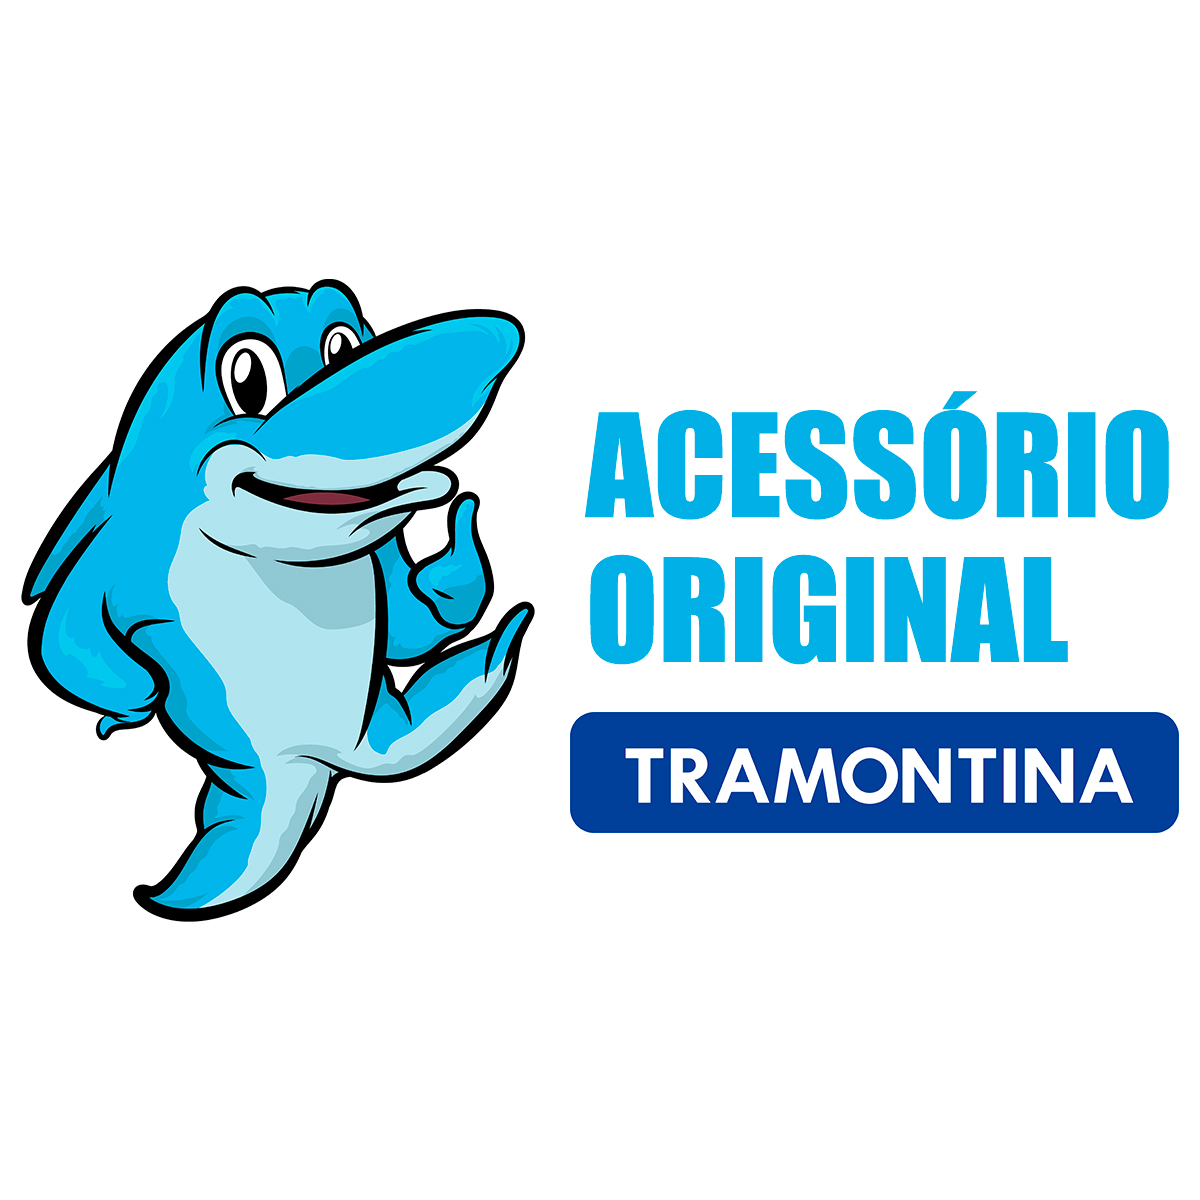 Mangueira para Lavadora Tramontina 2100psi 2000w, 1900psi 1800w, 1600psi 1400w, 1500psi 1200w com 5 metros Trama de Aço Original